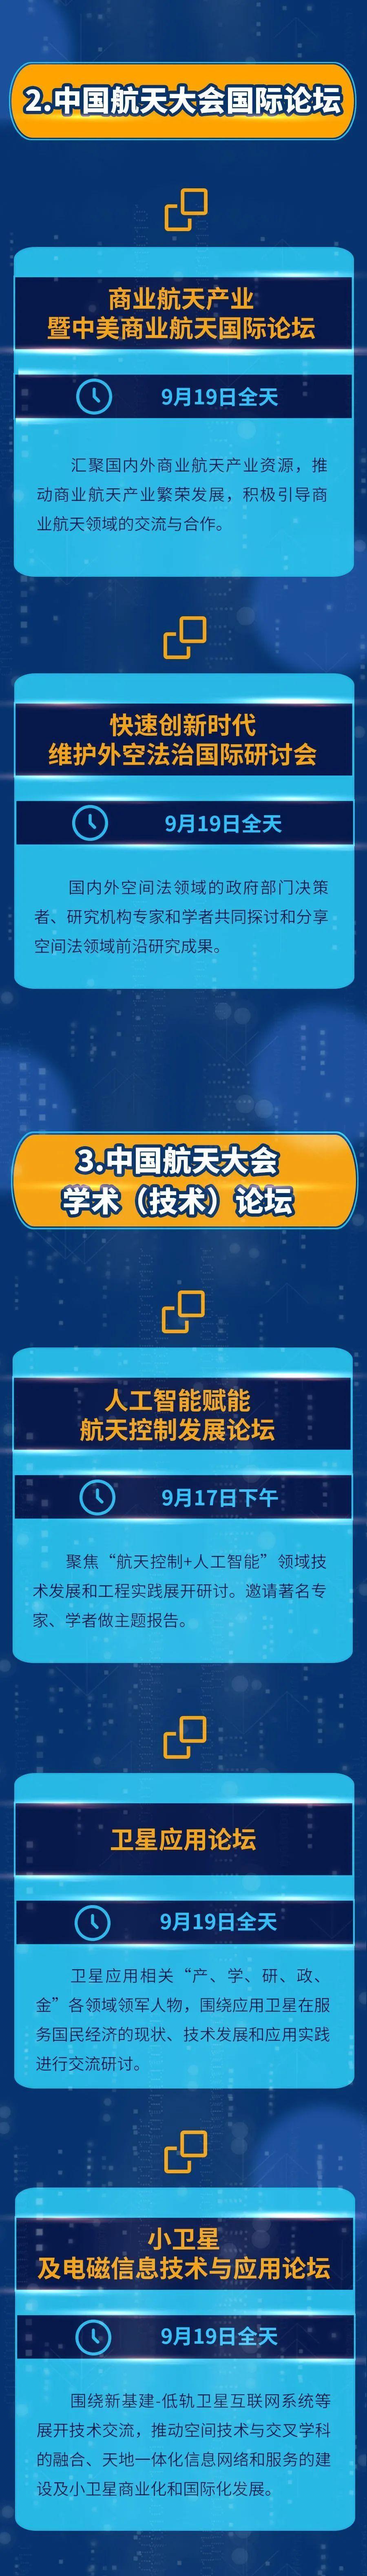 2020中国航天大会9月在福州召开!进场流程公布